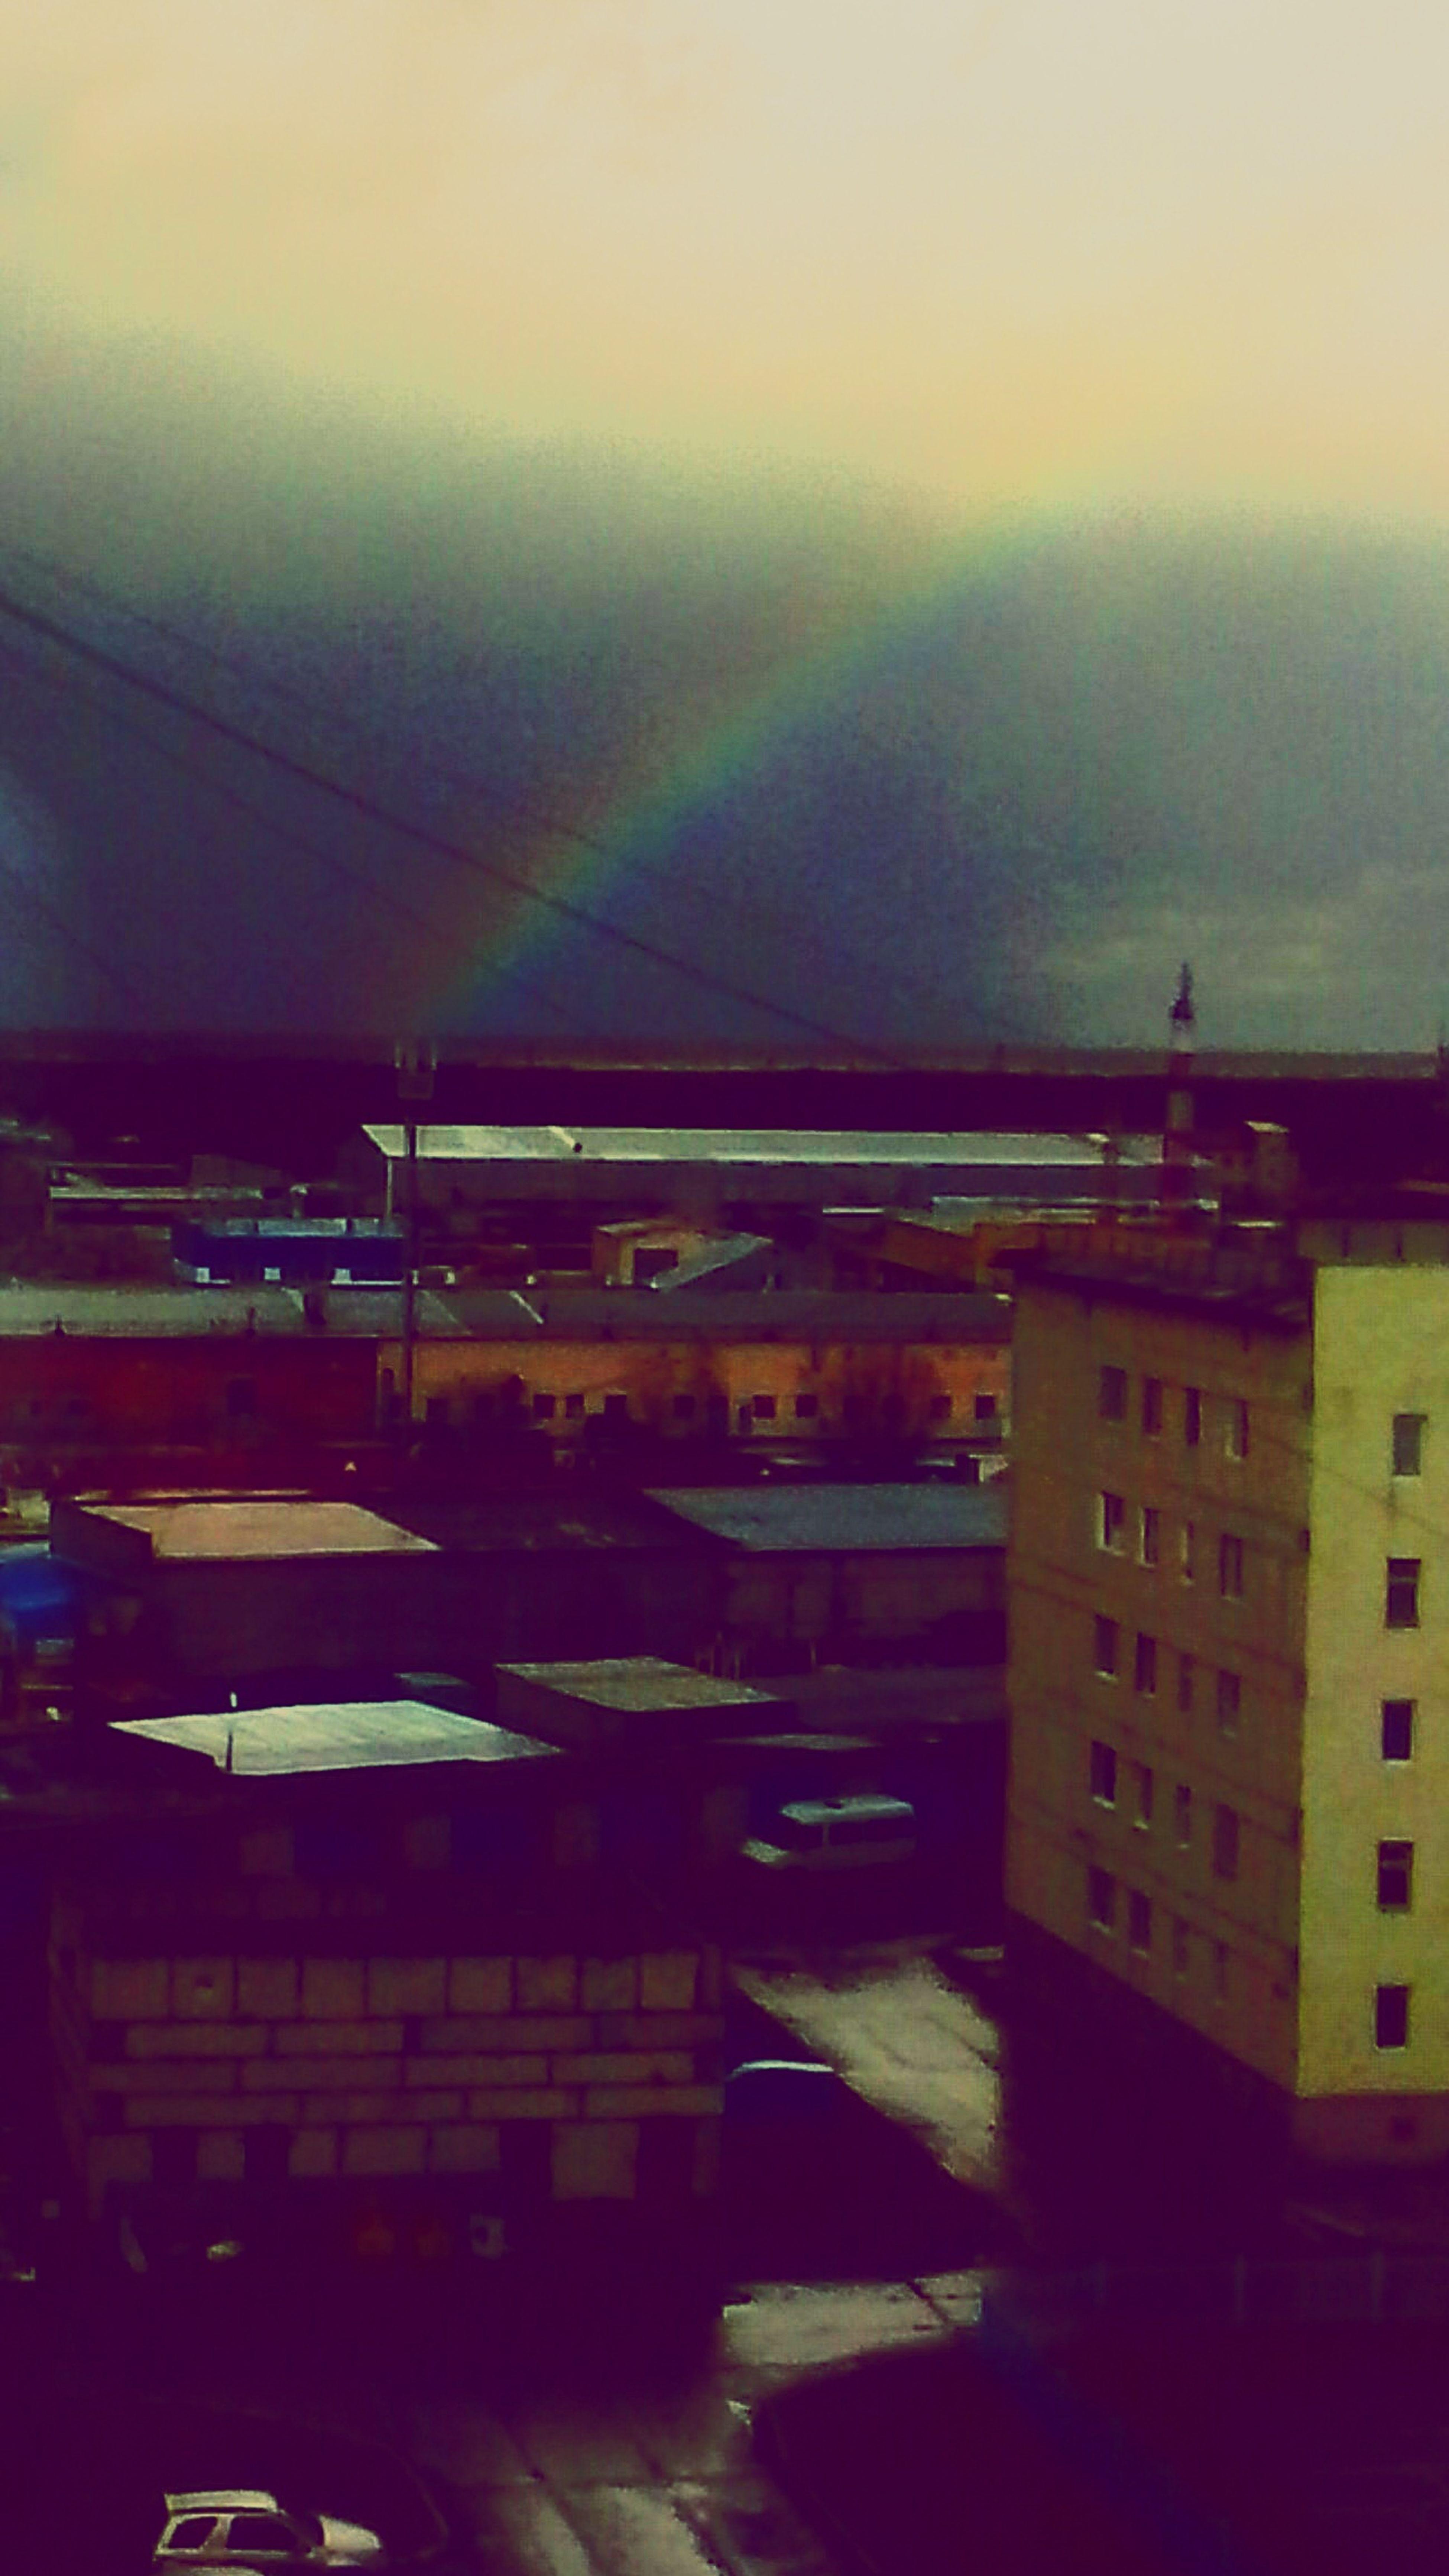 В надыме радуга !!!!! Очень красиво )))